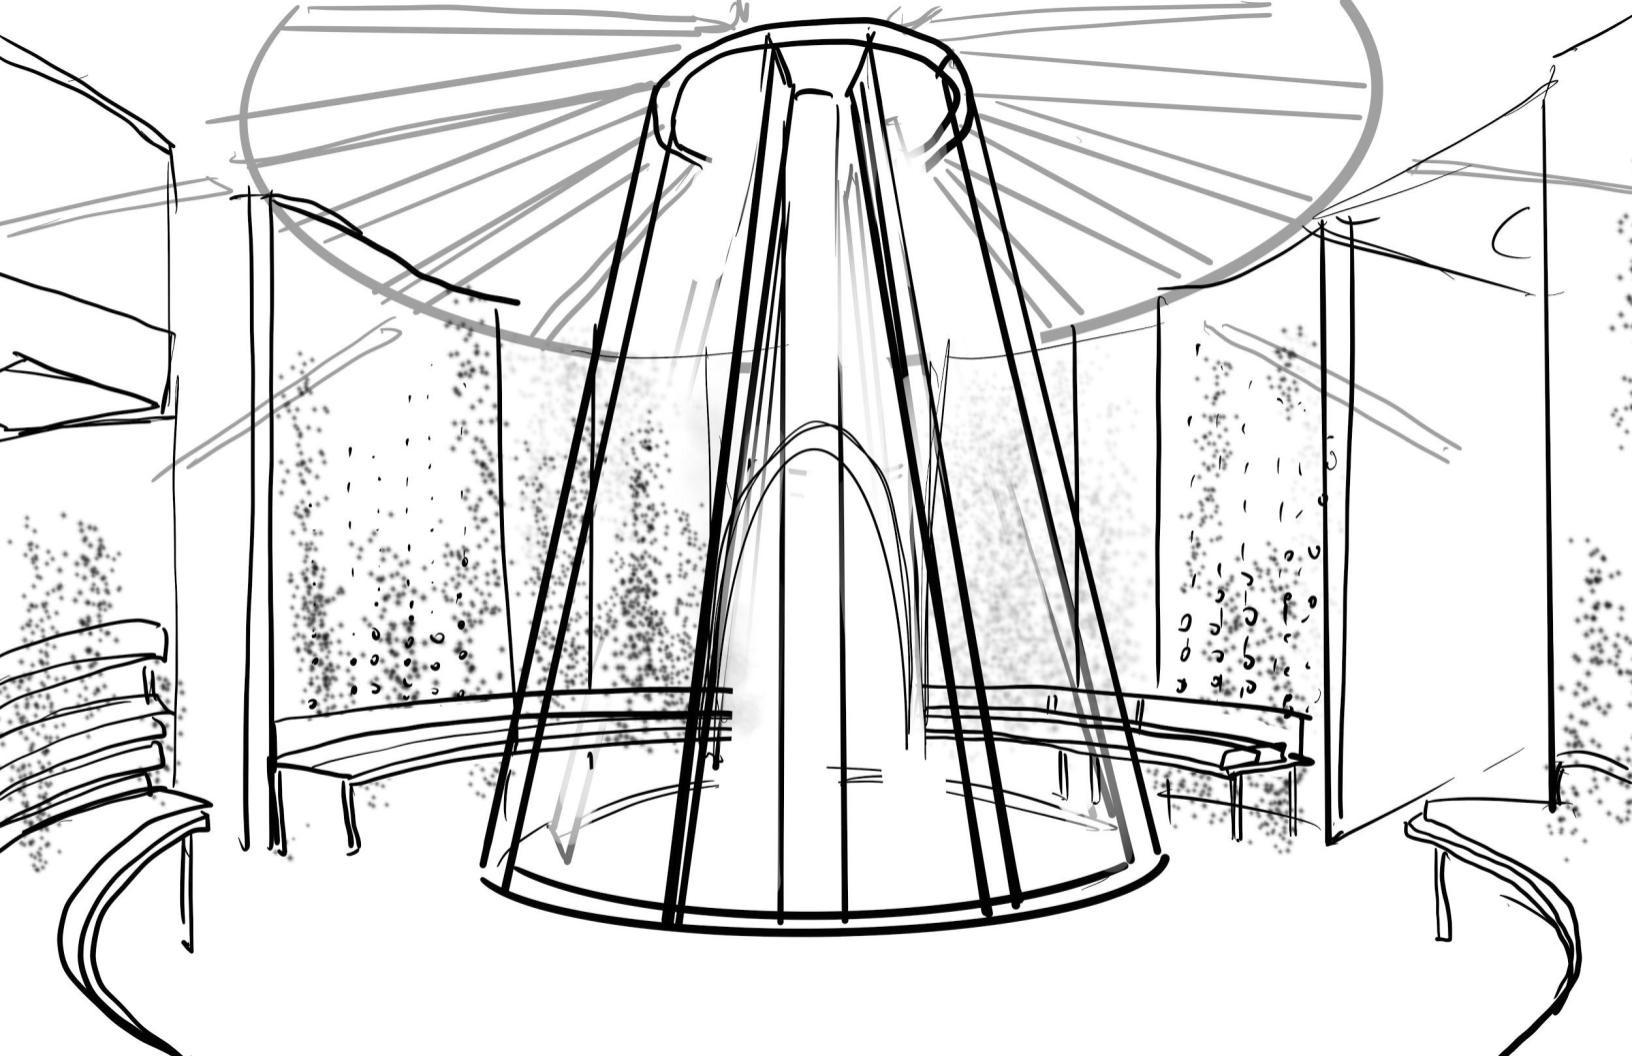 Concept Sketch for the Central Garden & Market